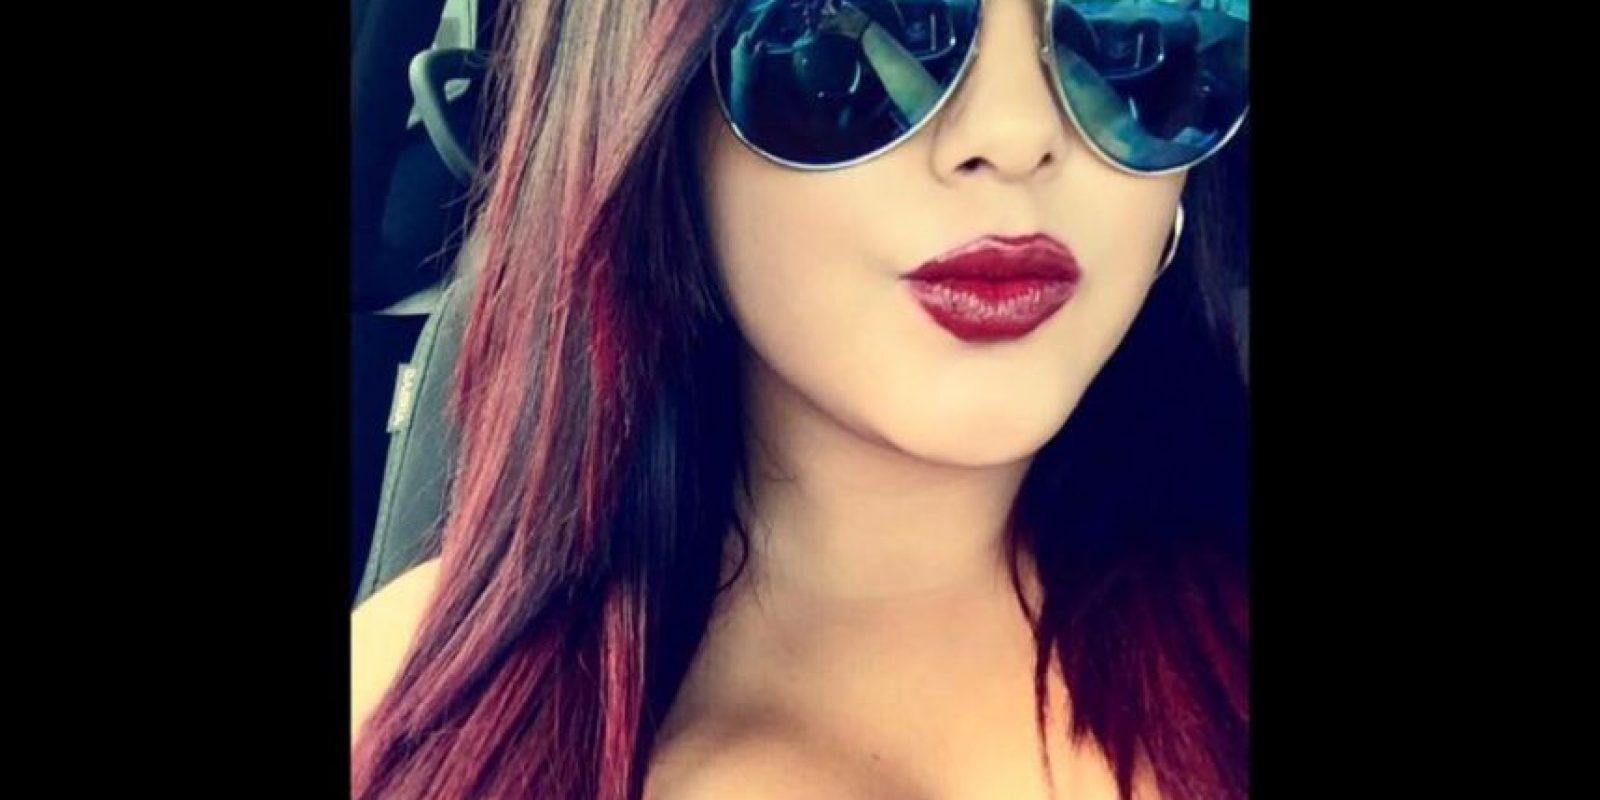 La profesora Alexandria Vera, de 24 años, quedó embarazada de un alumno de 13 años; pero decidió abortar cuando comenzó la investigación en su contra Foto:Facebook – Archivo